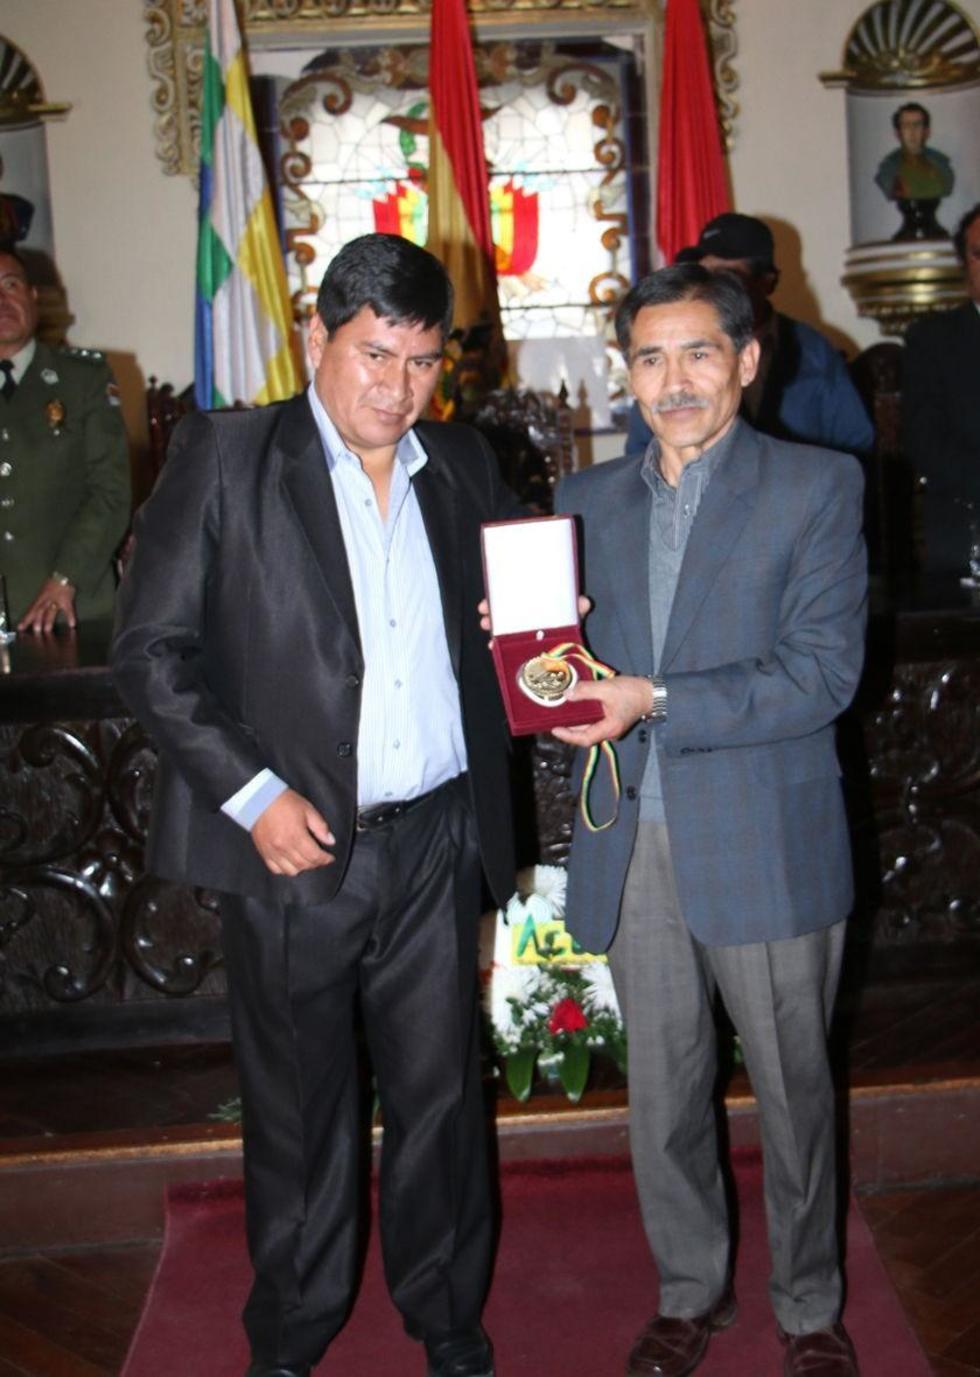 El gobernador Cejas entrega la medalla a Félix Muruchi.